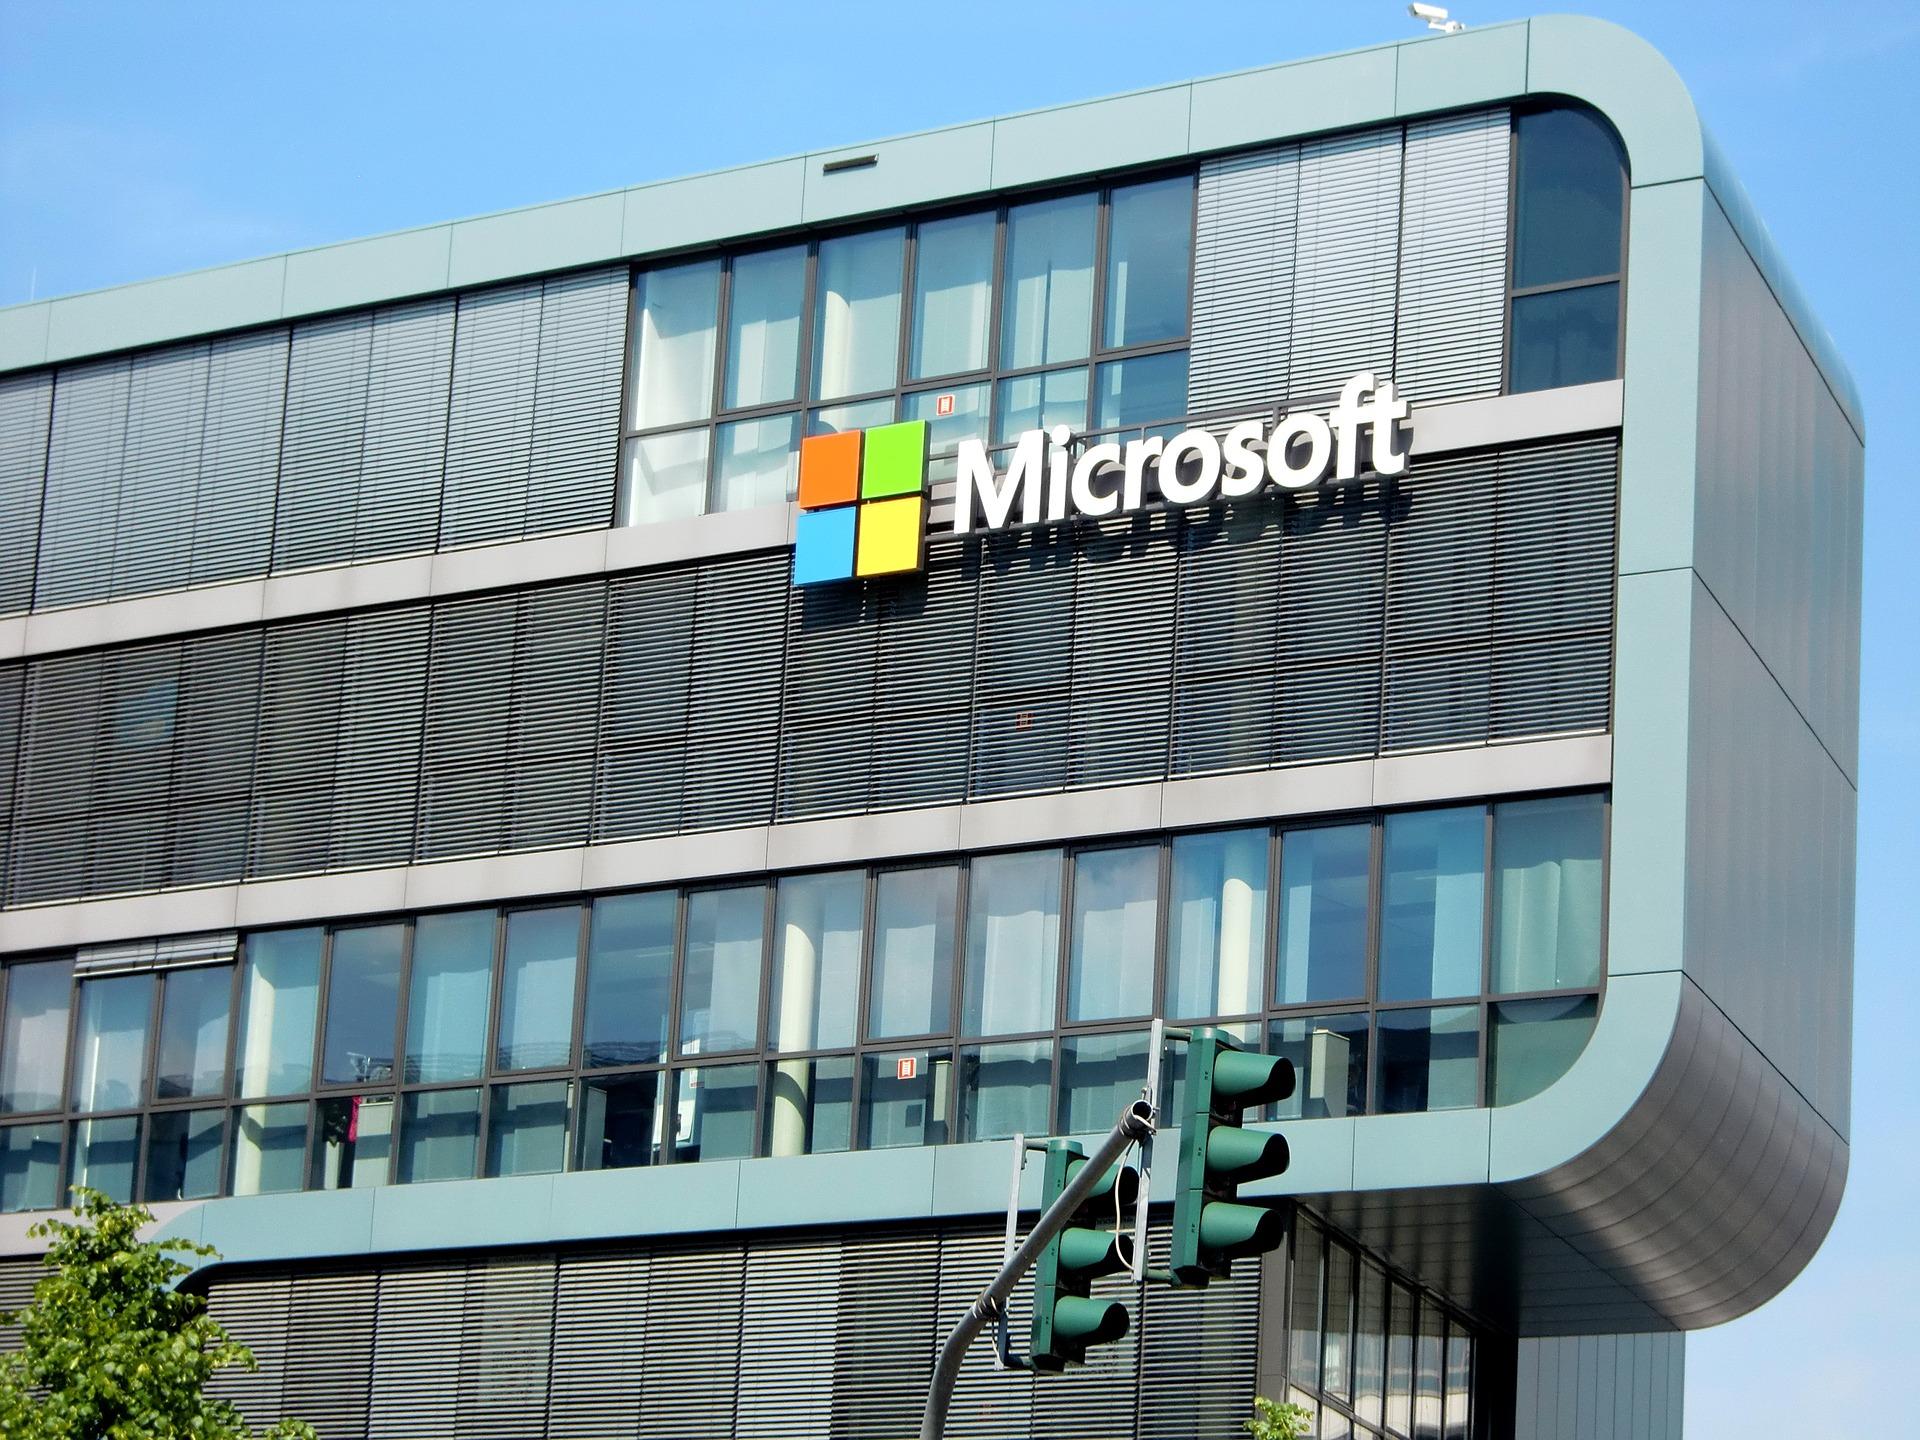 Акции Microsoft выросли на 6% после публикации квартального отчета